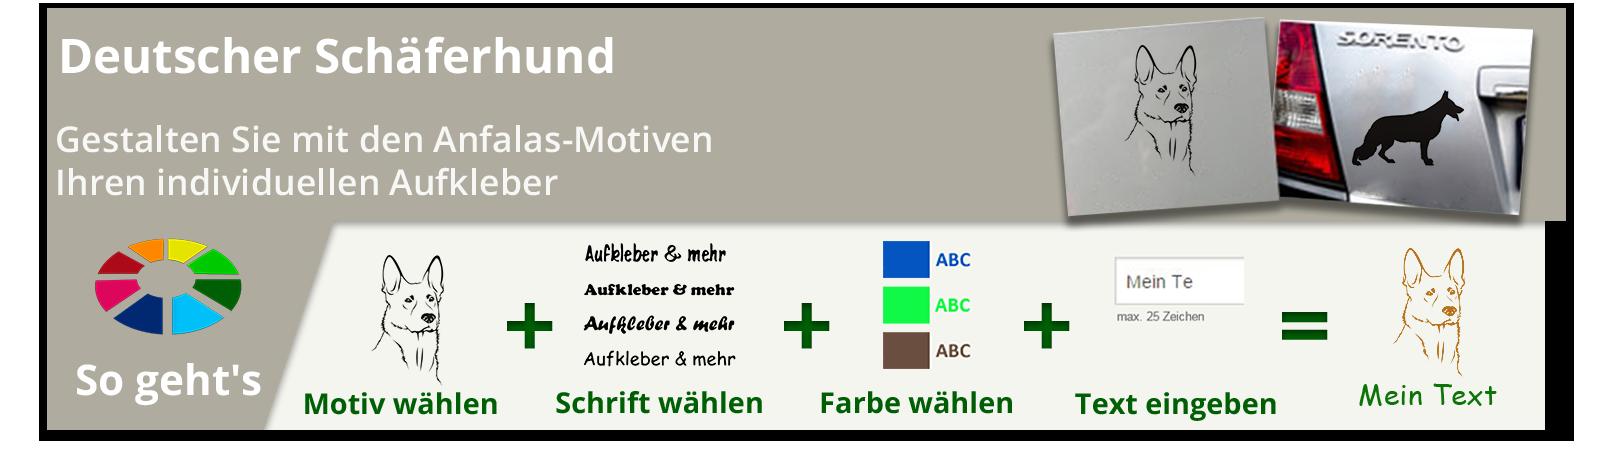 Deutscher Schäferhund Wandtattoos